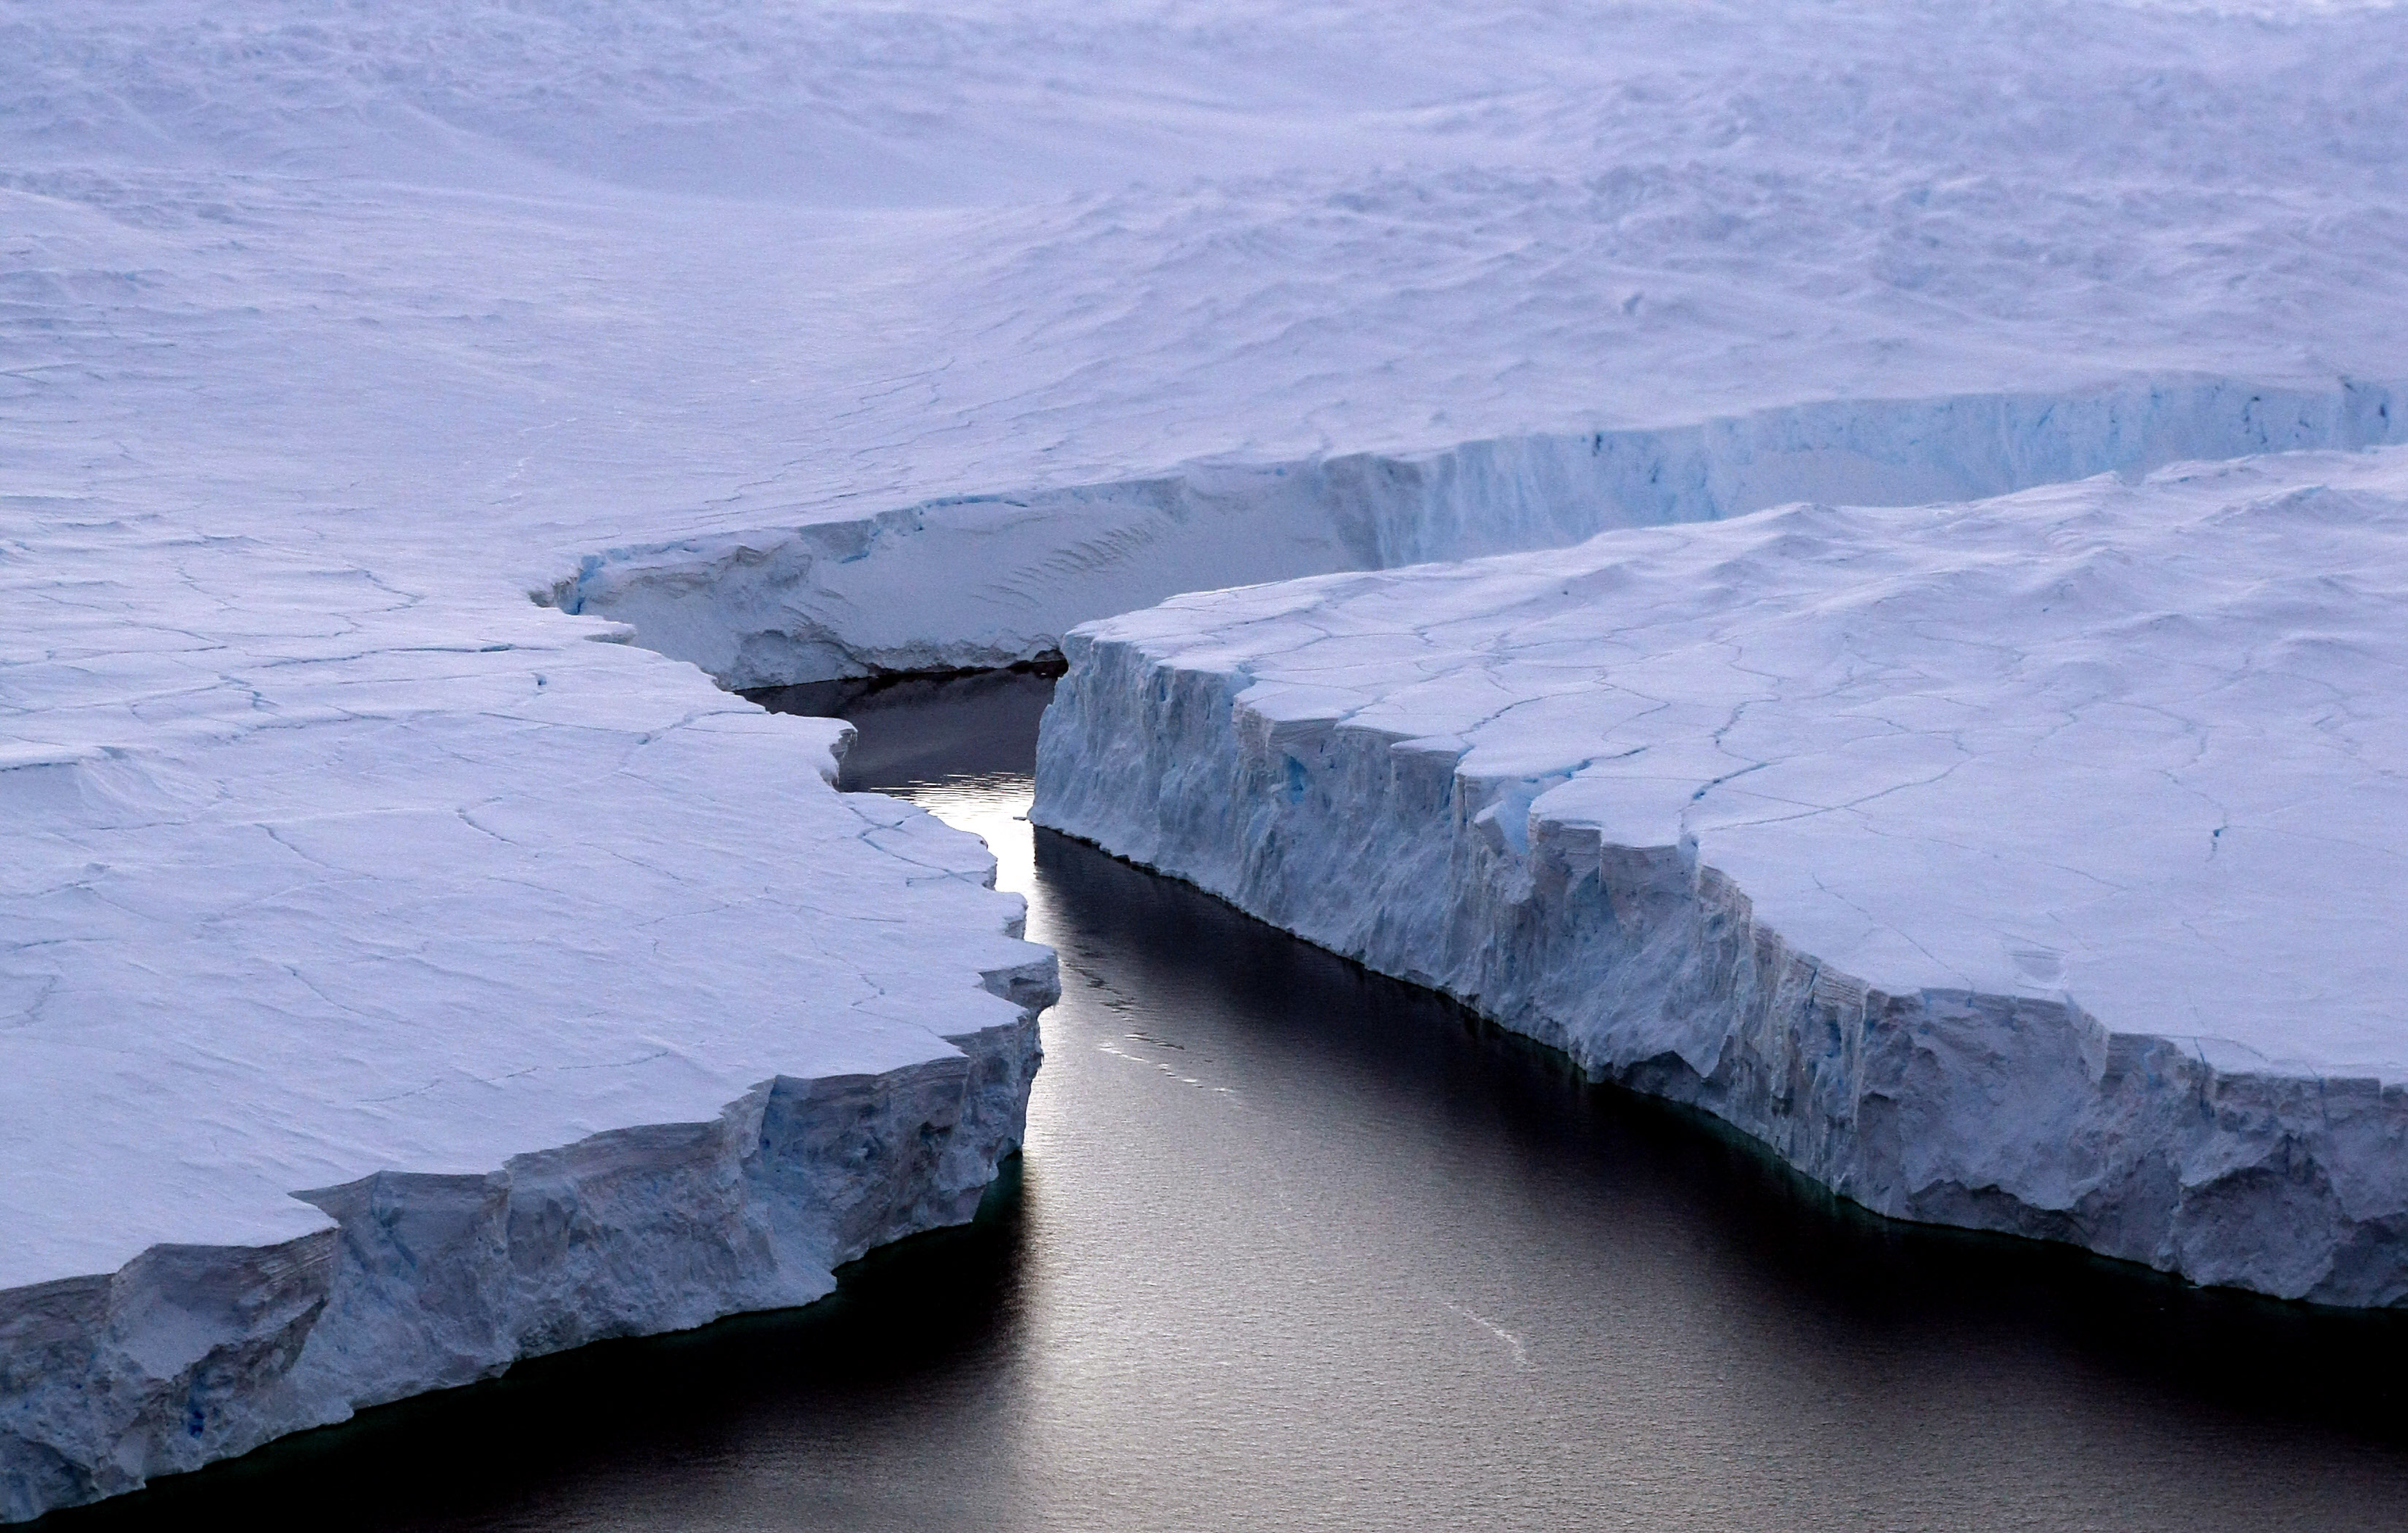 Costa Knox, Territorio Antártico Australiano: un enorme iceberg sufre una ruptura debido al calentamiento climático, según la ONU. (Crédito: TORSTEN BLACKWOOD/AFP/Getty Images)